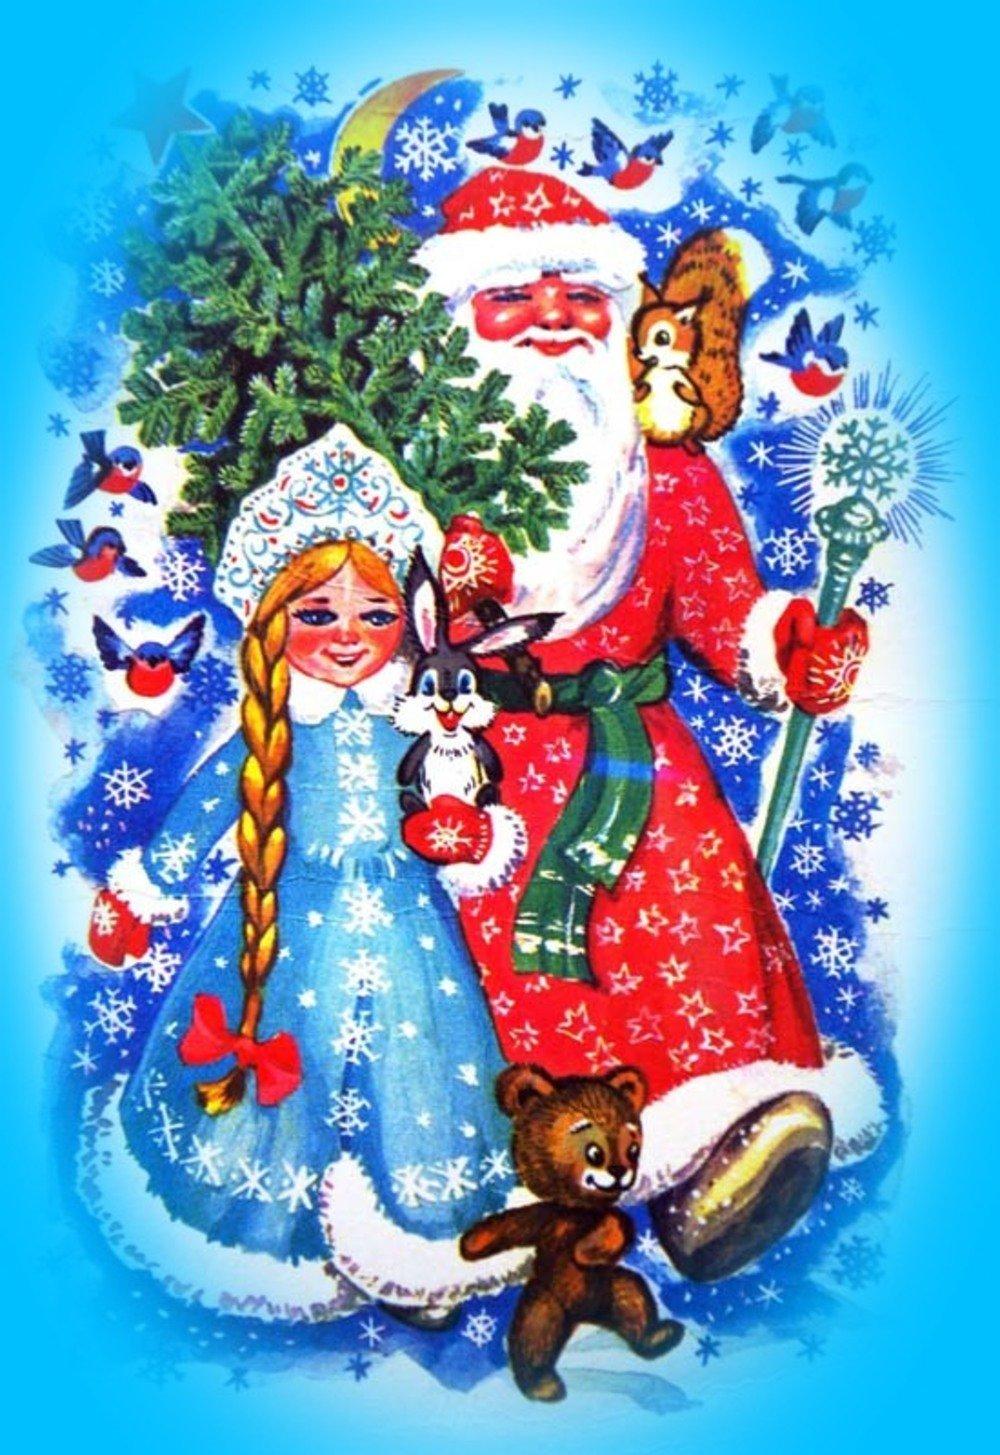 Смешные картинки, дед мороз и снегурочка открытка новогодняя